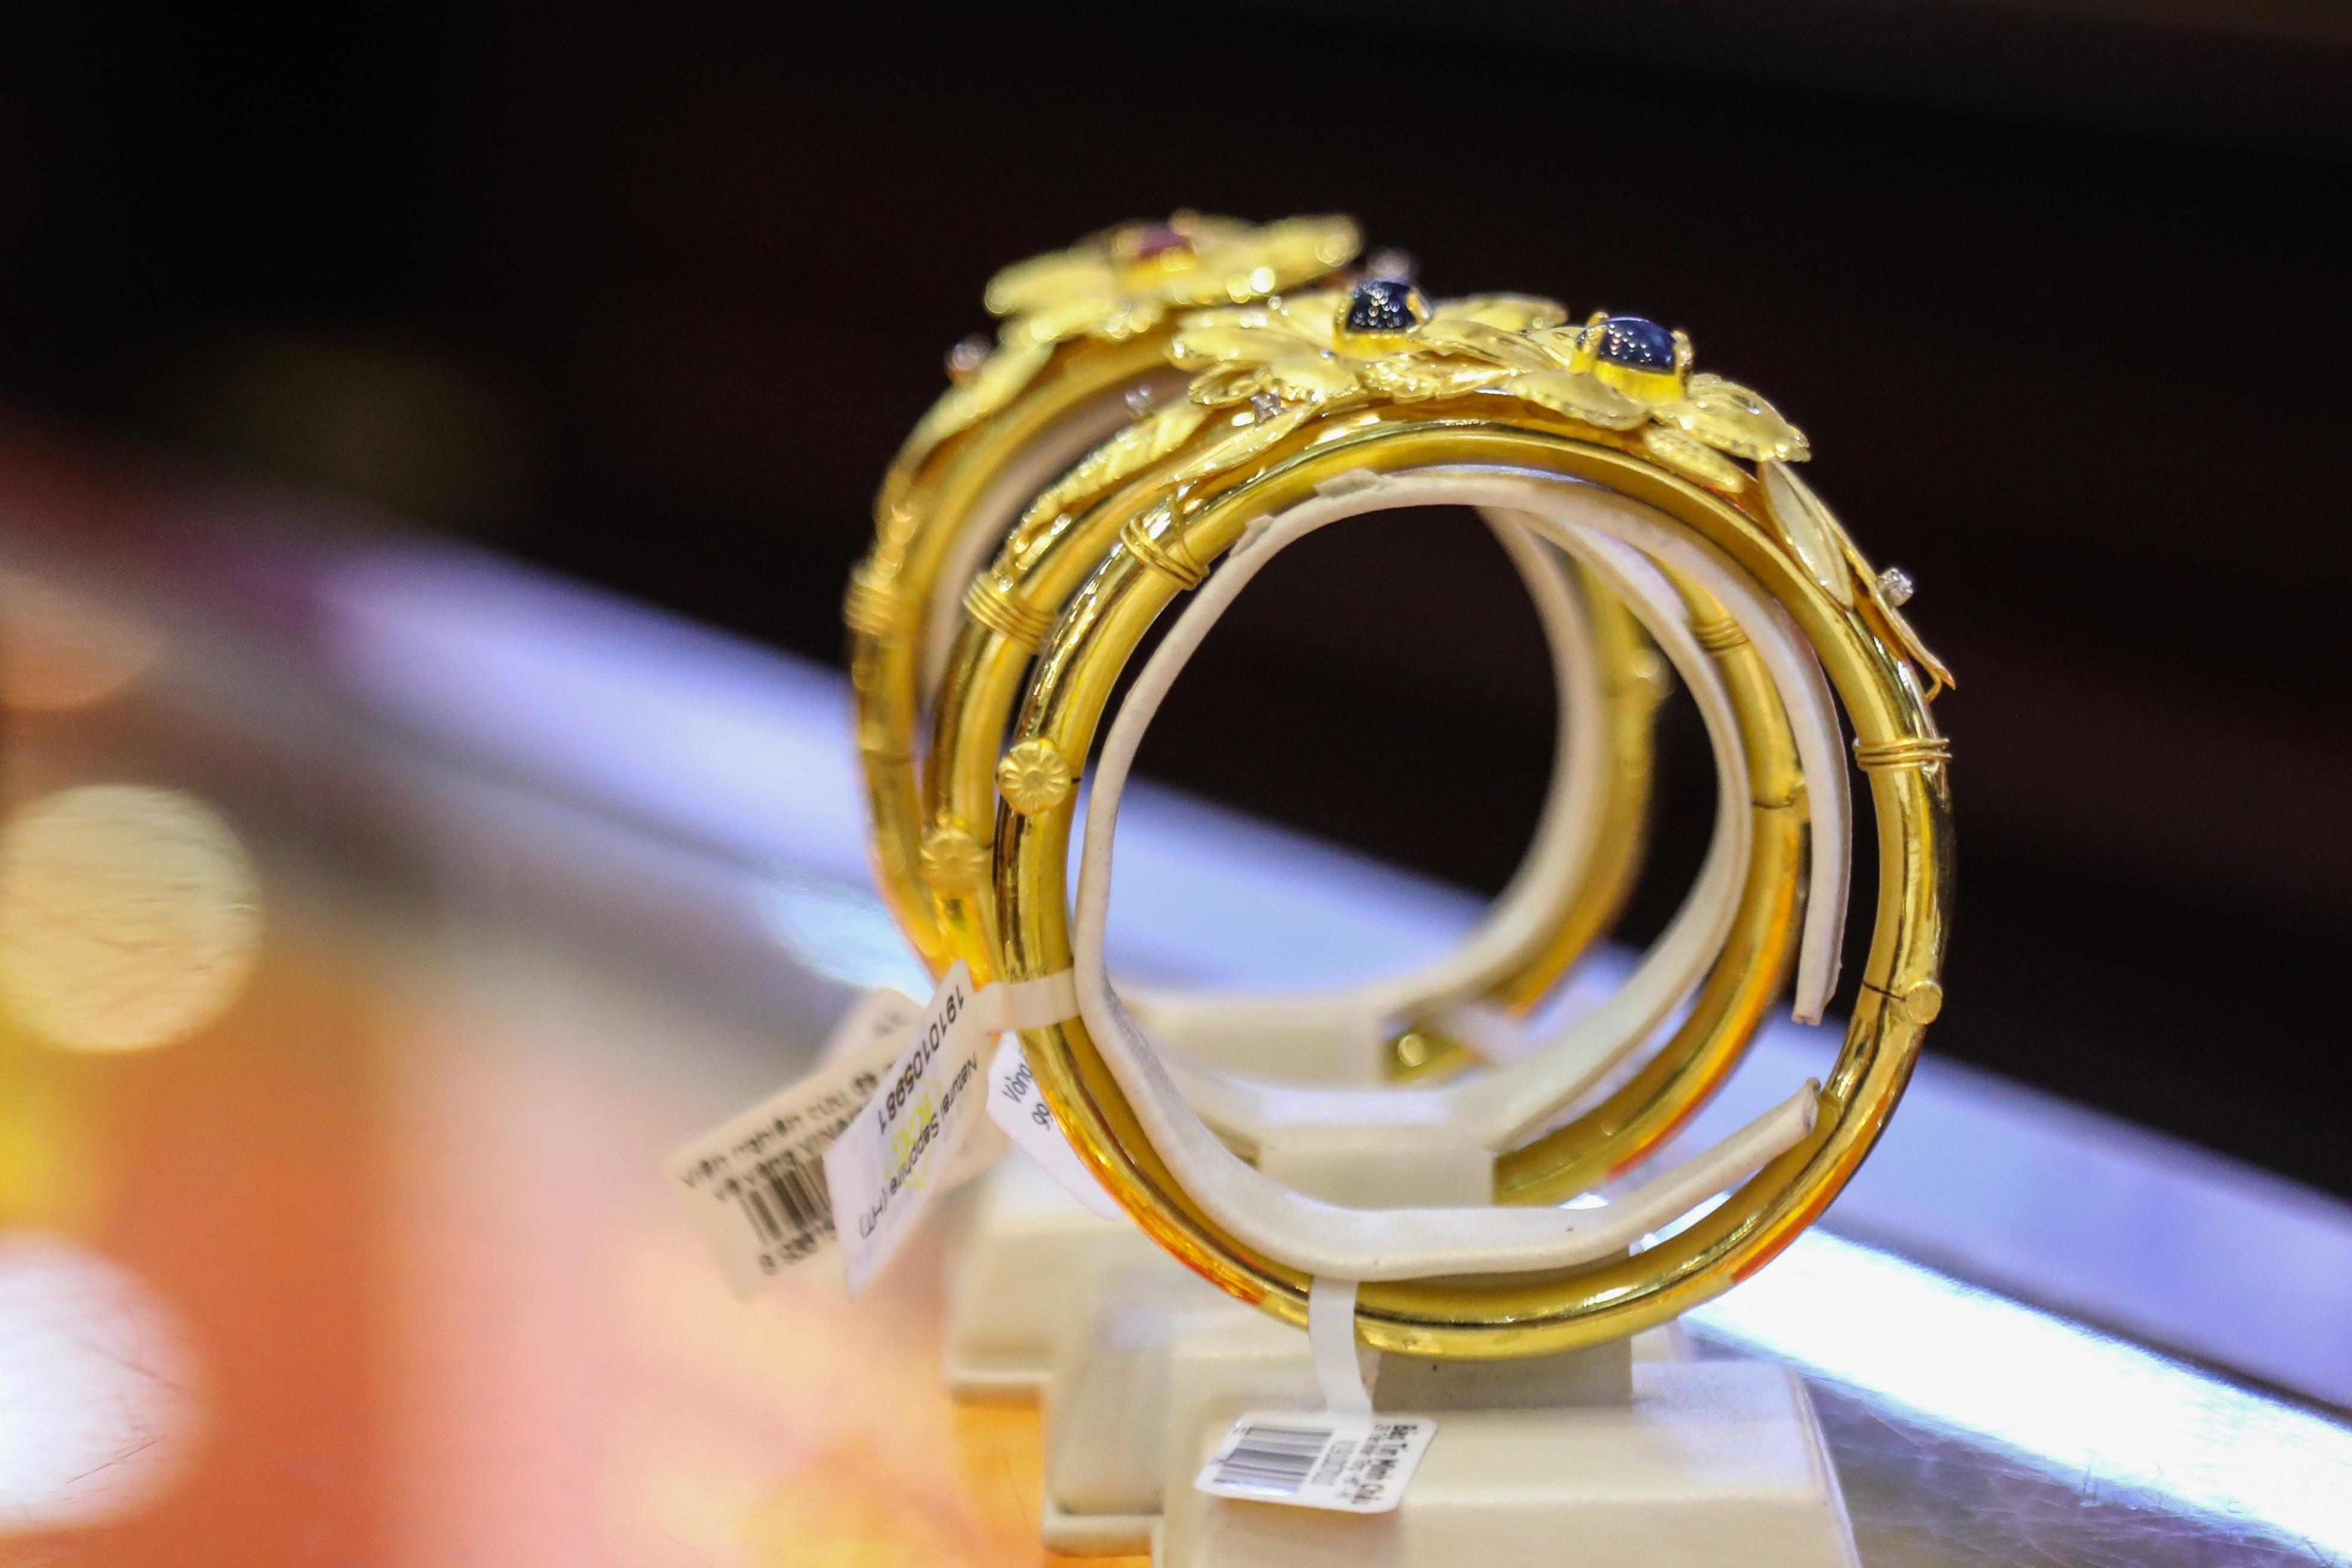 Giá vàng tăng vọt qua ngưỡng cản tâm lý 1.800 USD/ounce